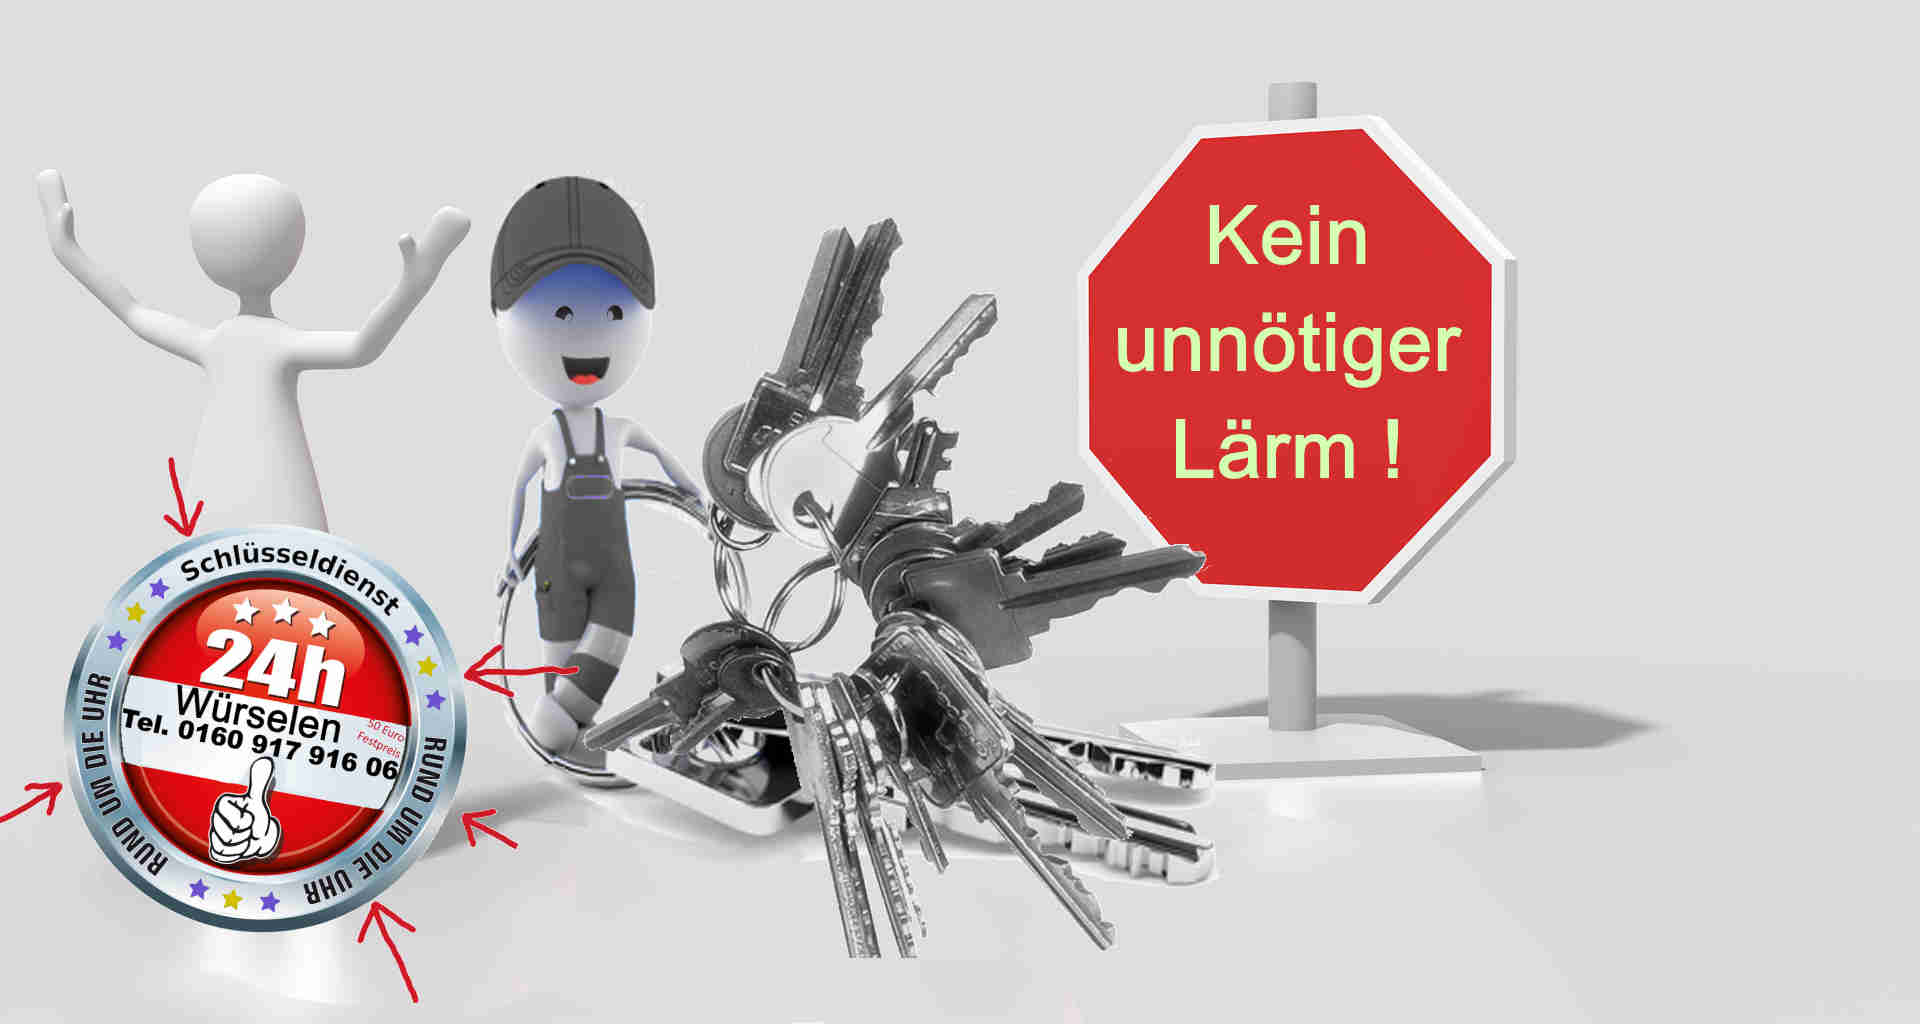 Schlüsseldienst Würselen Morsbach Bardenberg Broichweiden Schweilbach Teut Oppen Haal und Linden ist Leise und diskret --